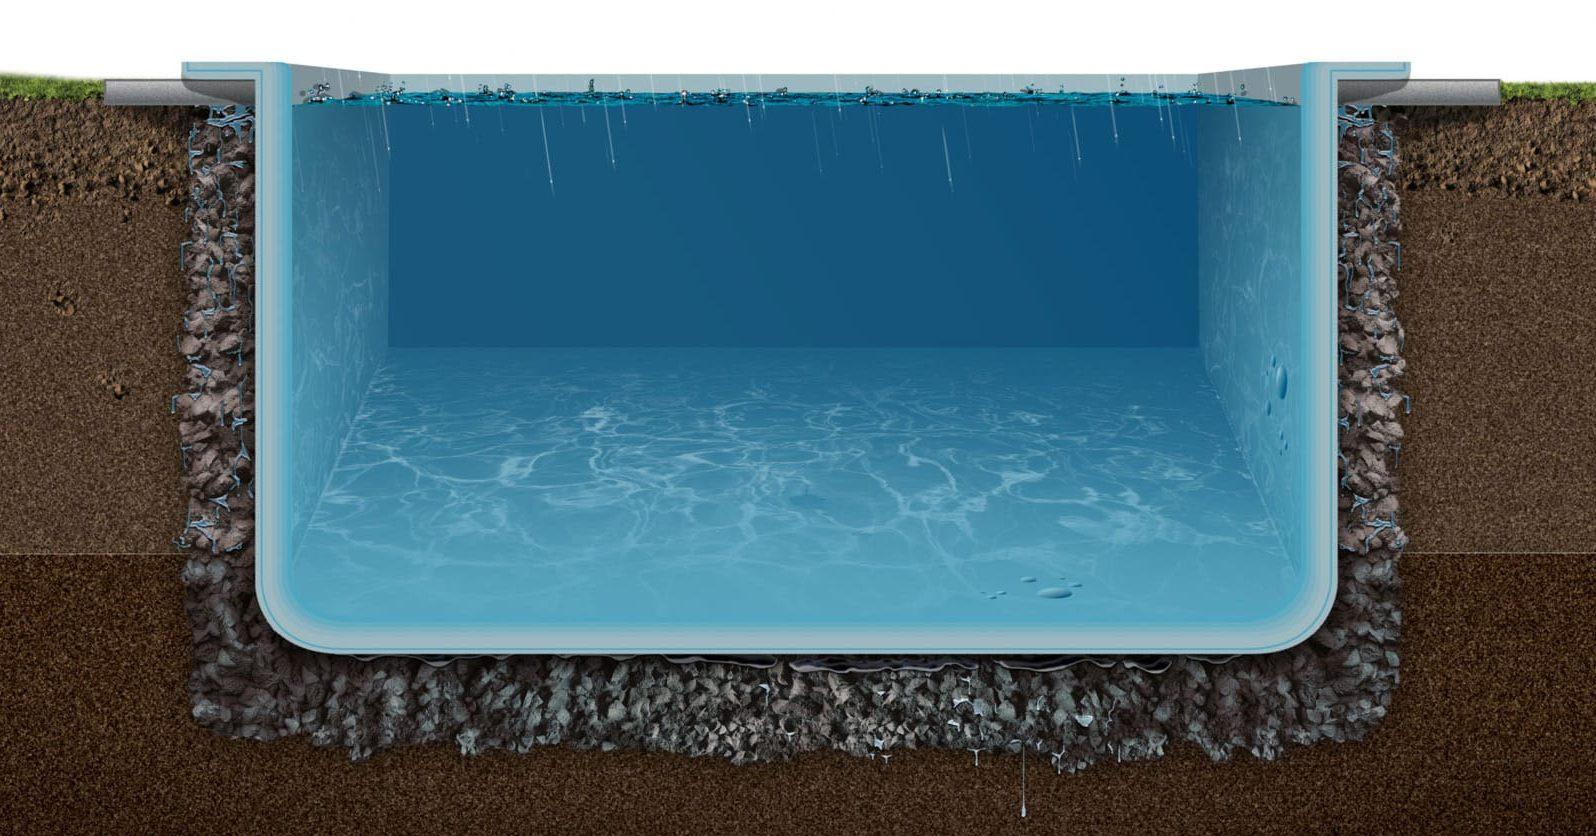 Postavka bazena